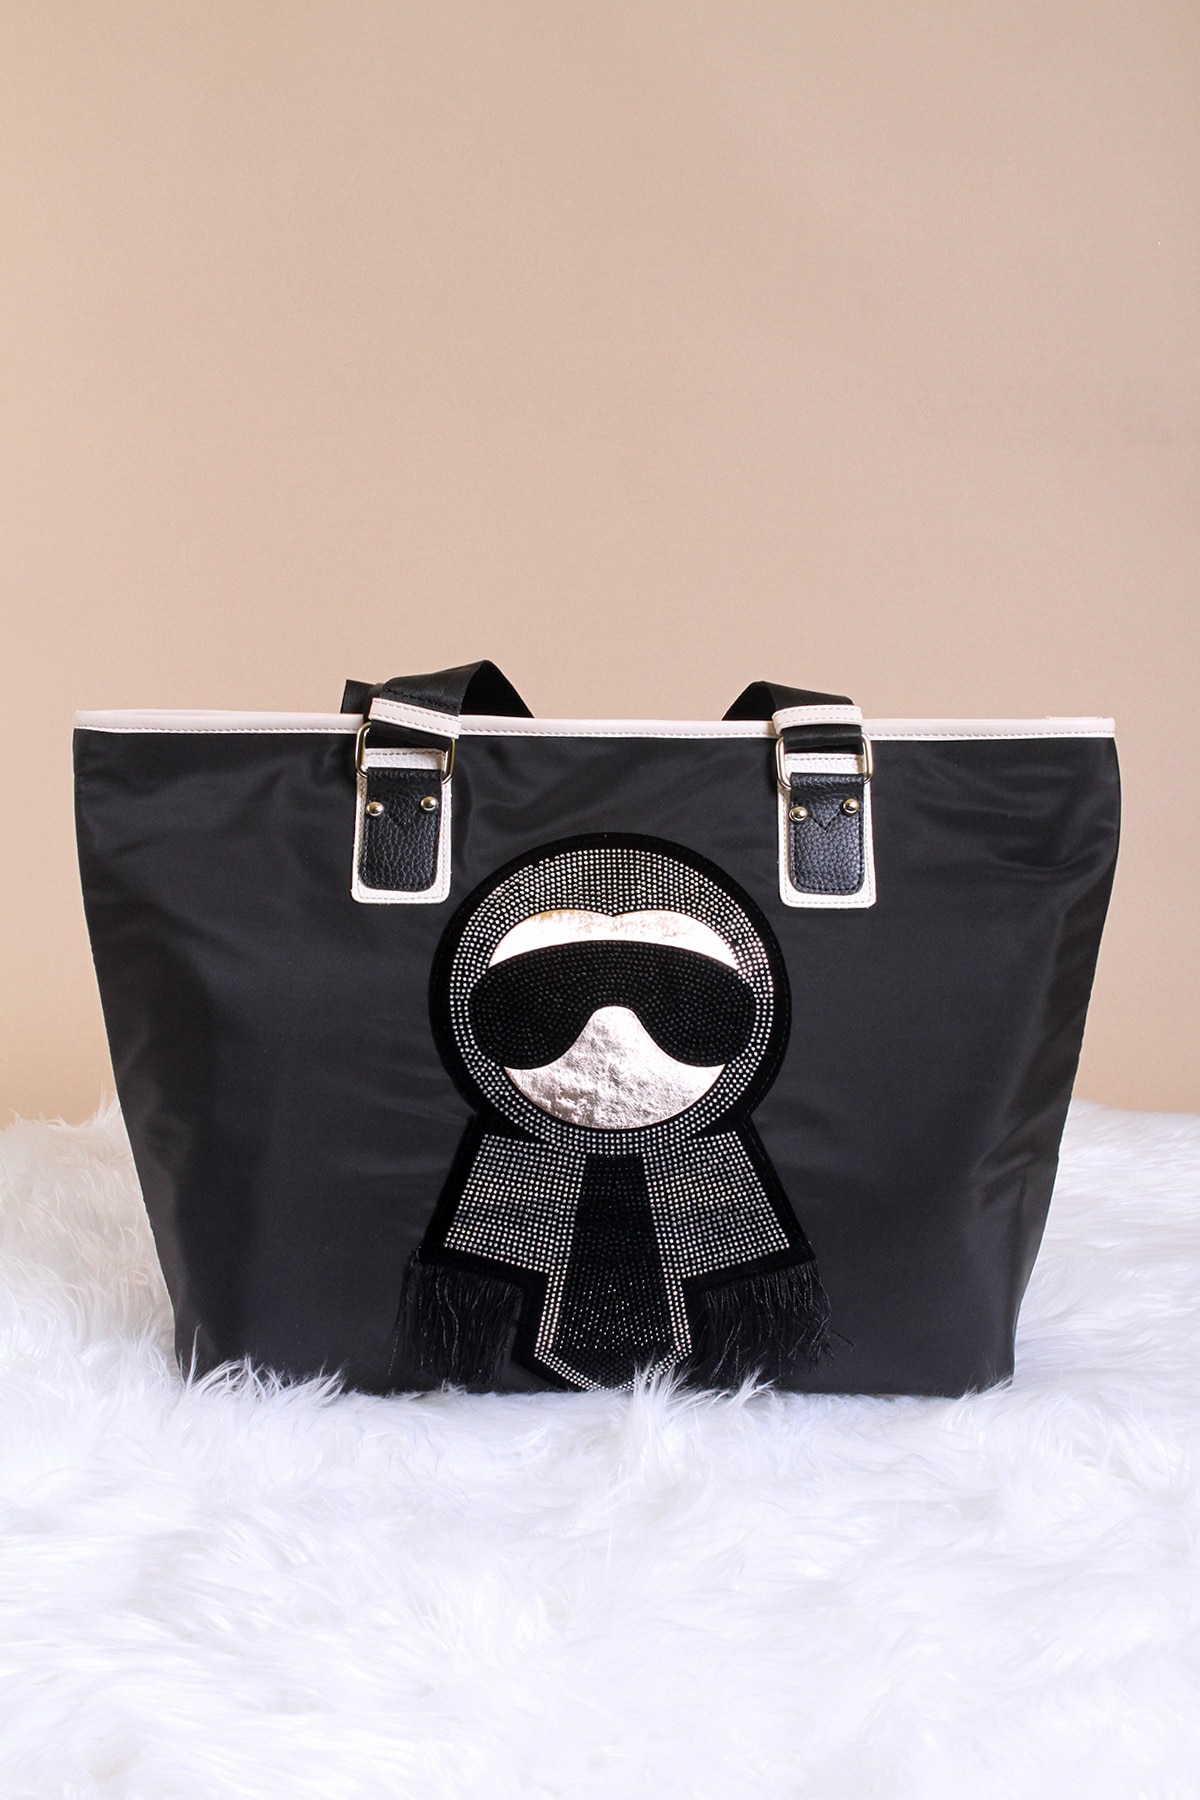 De Vib 2021 الصيف حقائب غير رسمية Vintage حقائب النساء المصممين حقيبة يد فاخرة النساء حقائب كتف مقبض علوي الإناث